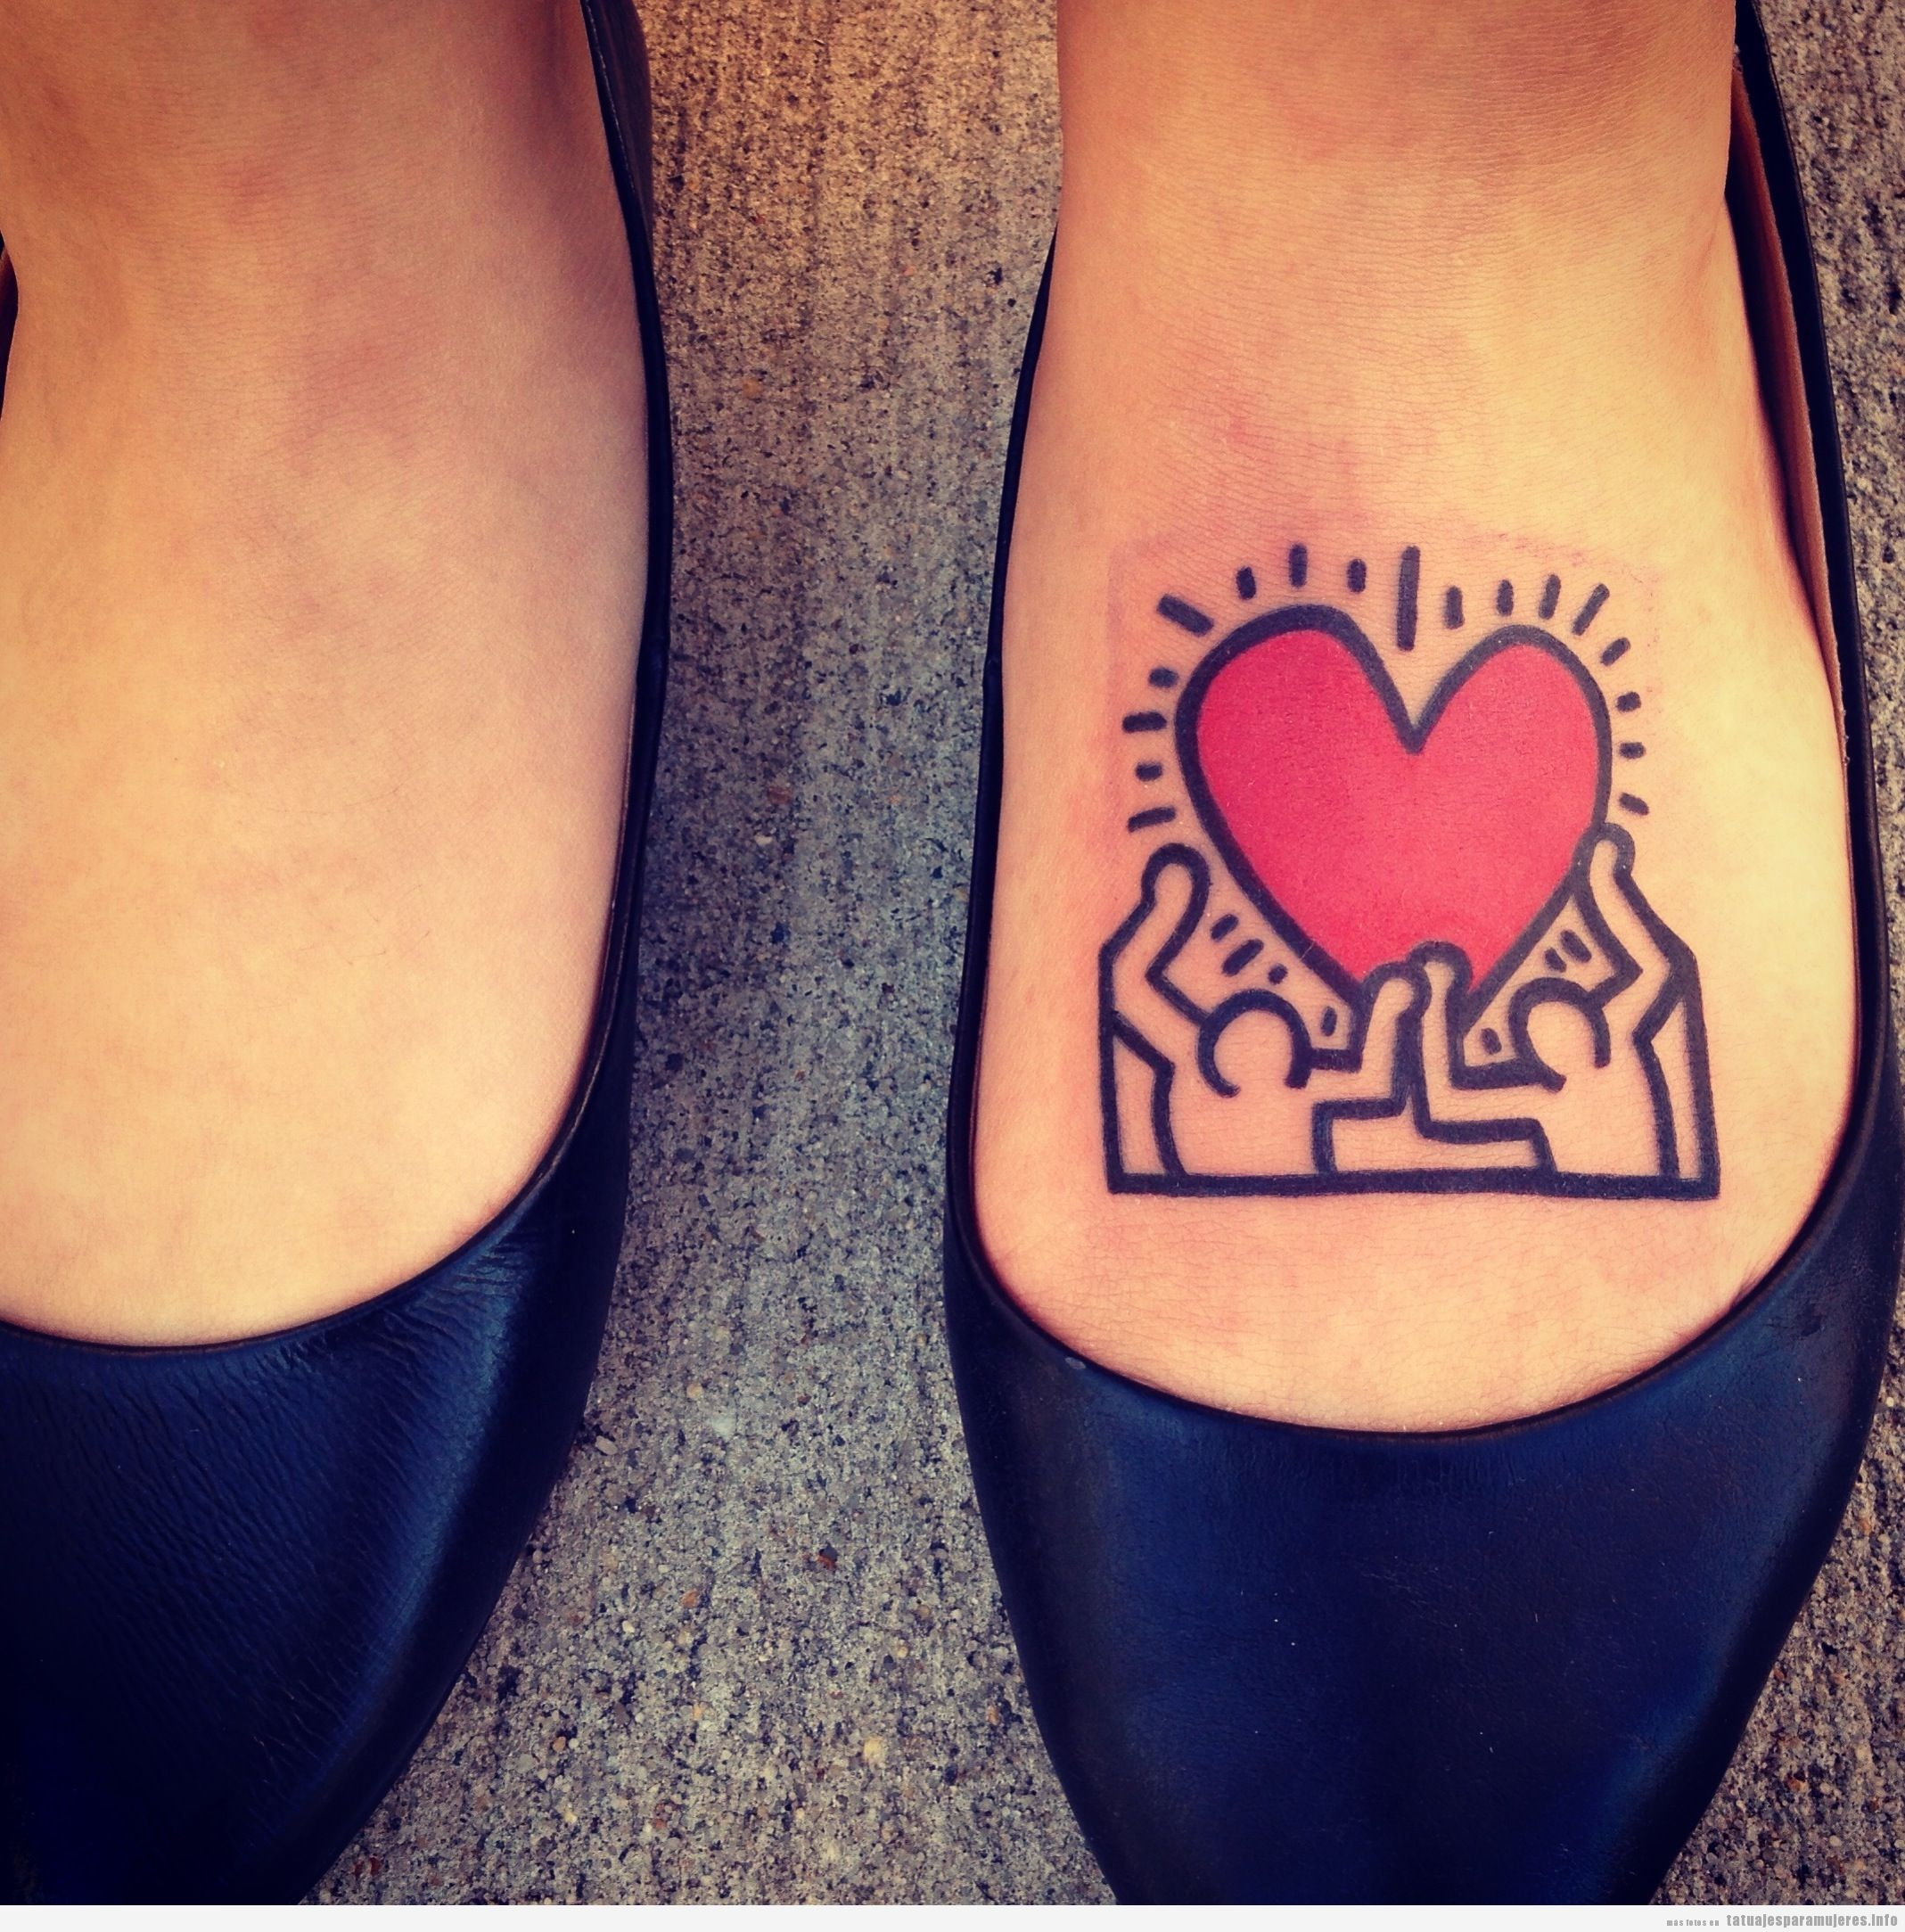 Tatuaje de Keith Haring en el empeine